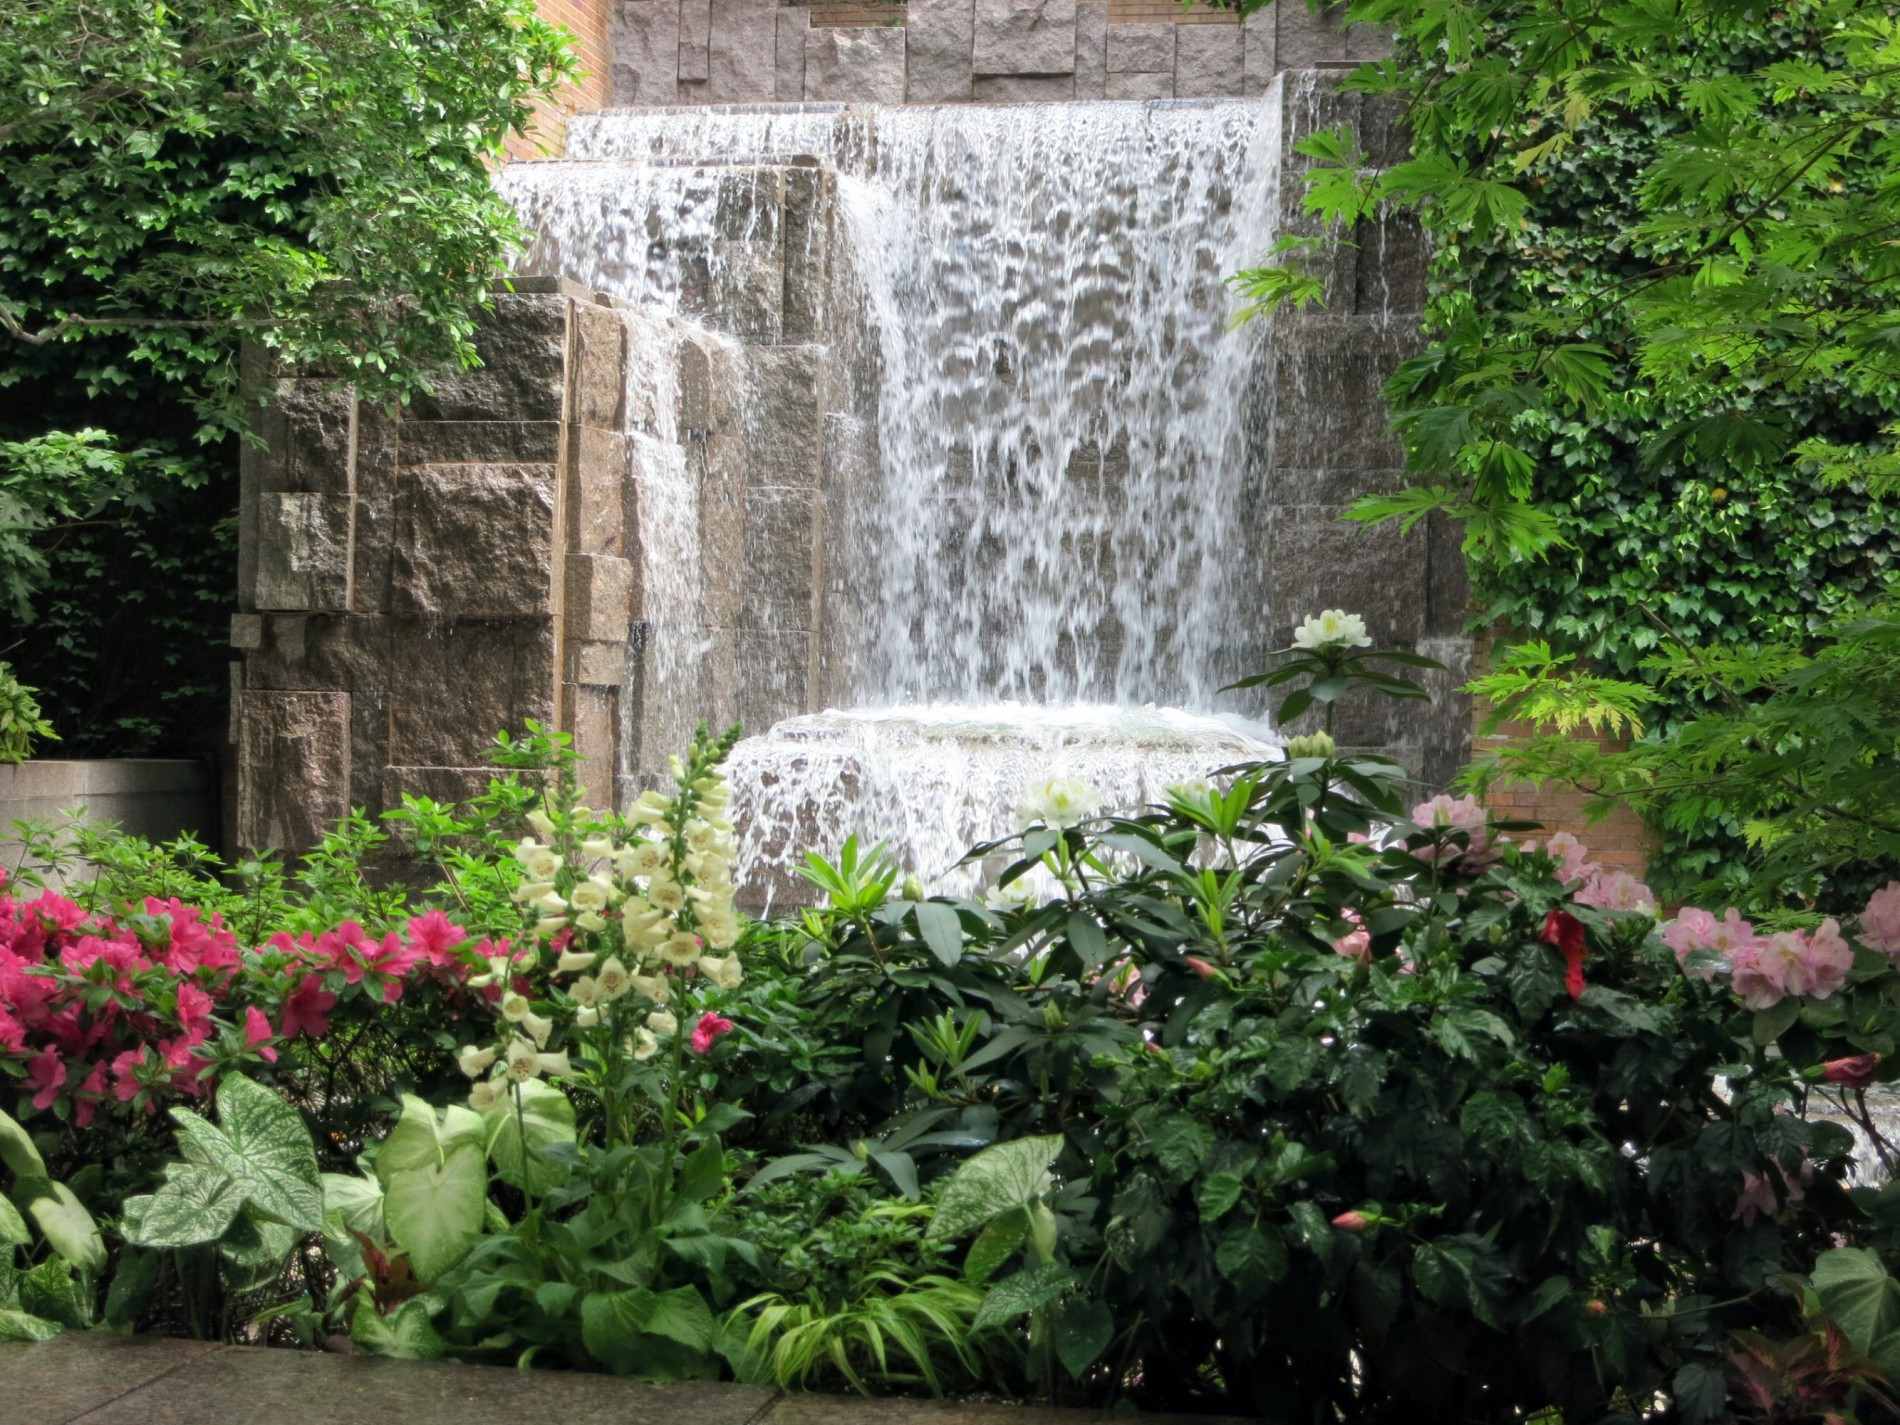 best gardens in nyc greenacre park in Midtown East